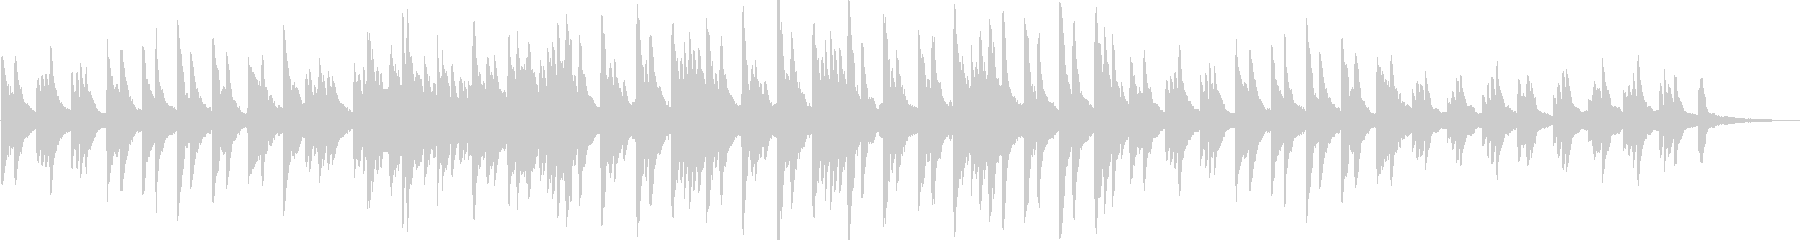 切ない・感動的・バラード・ピアノ・映像用の未再生の波形